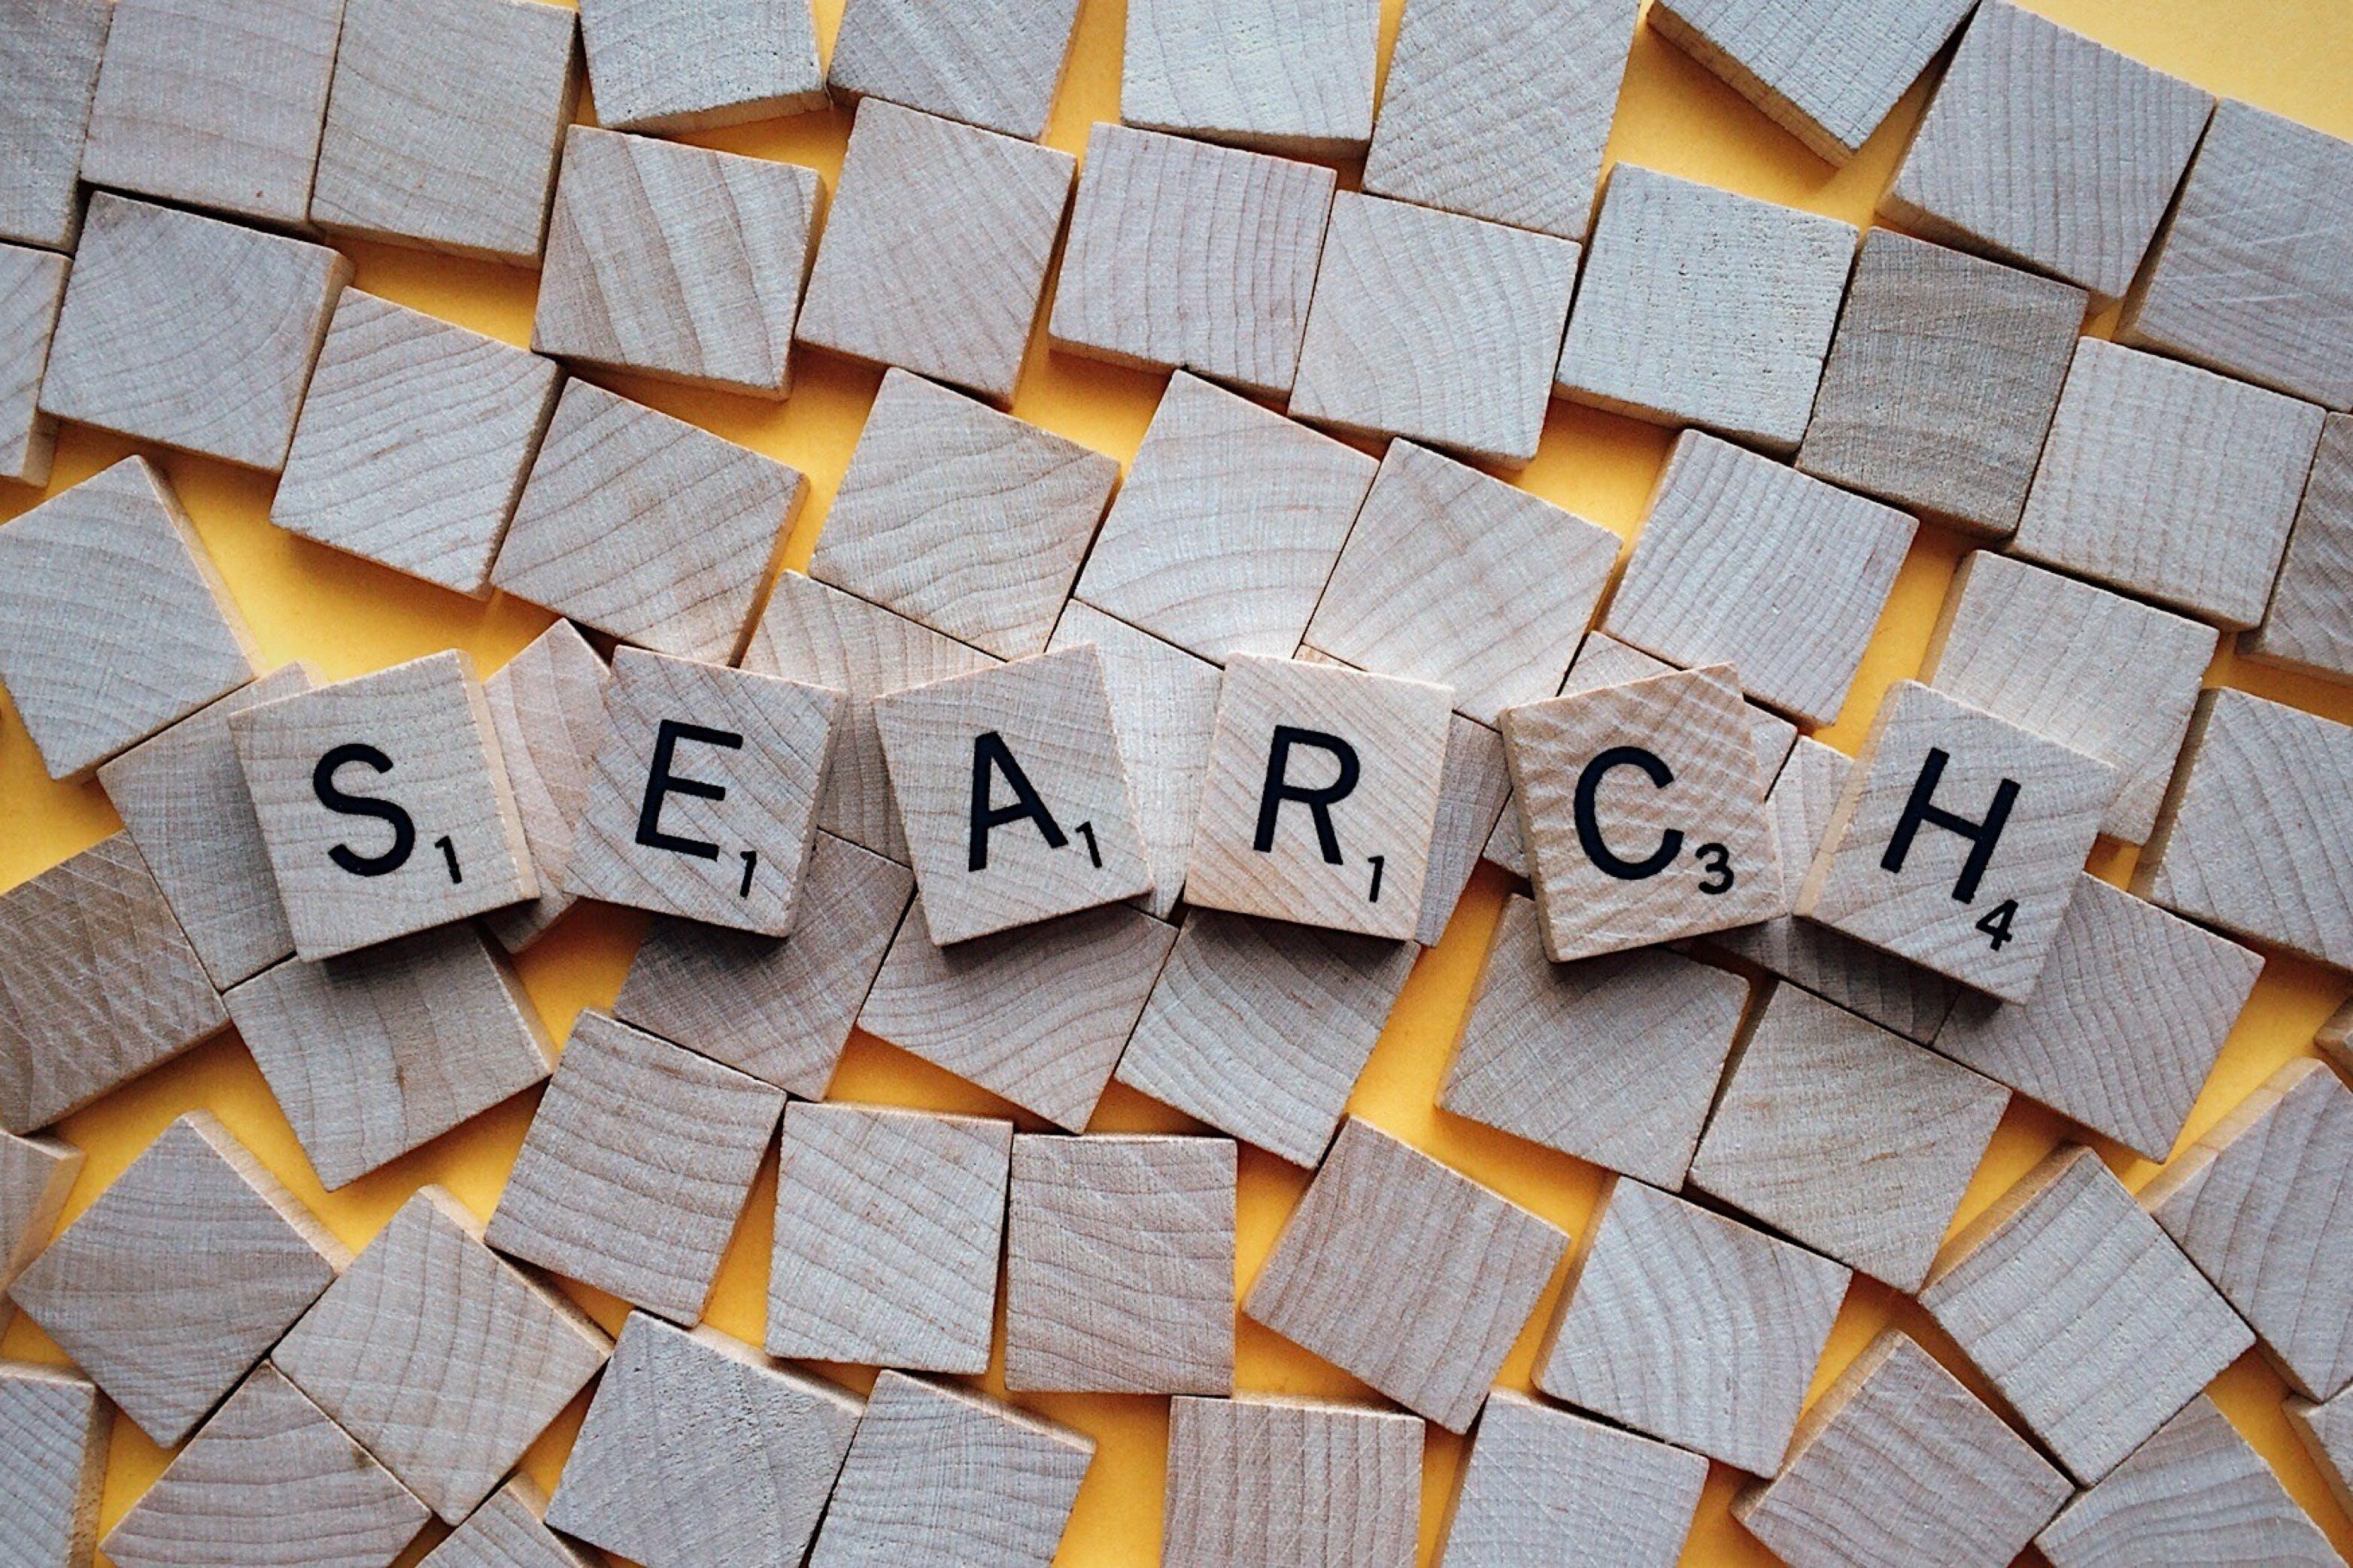 buscar, cercar, conceptual